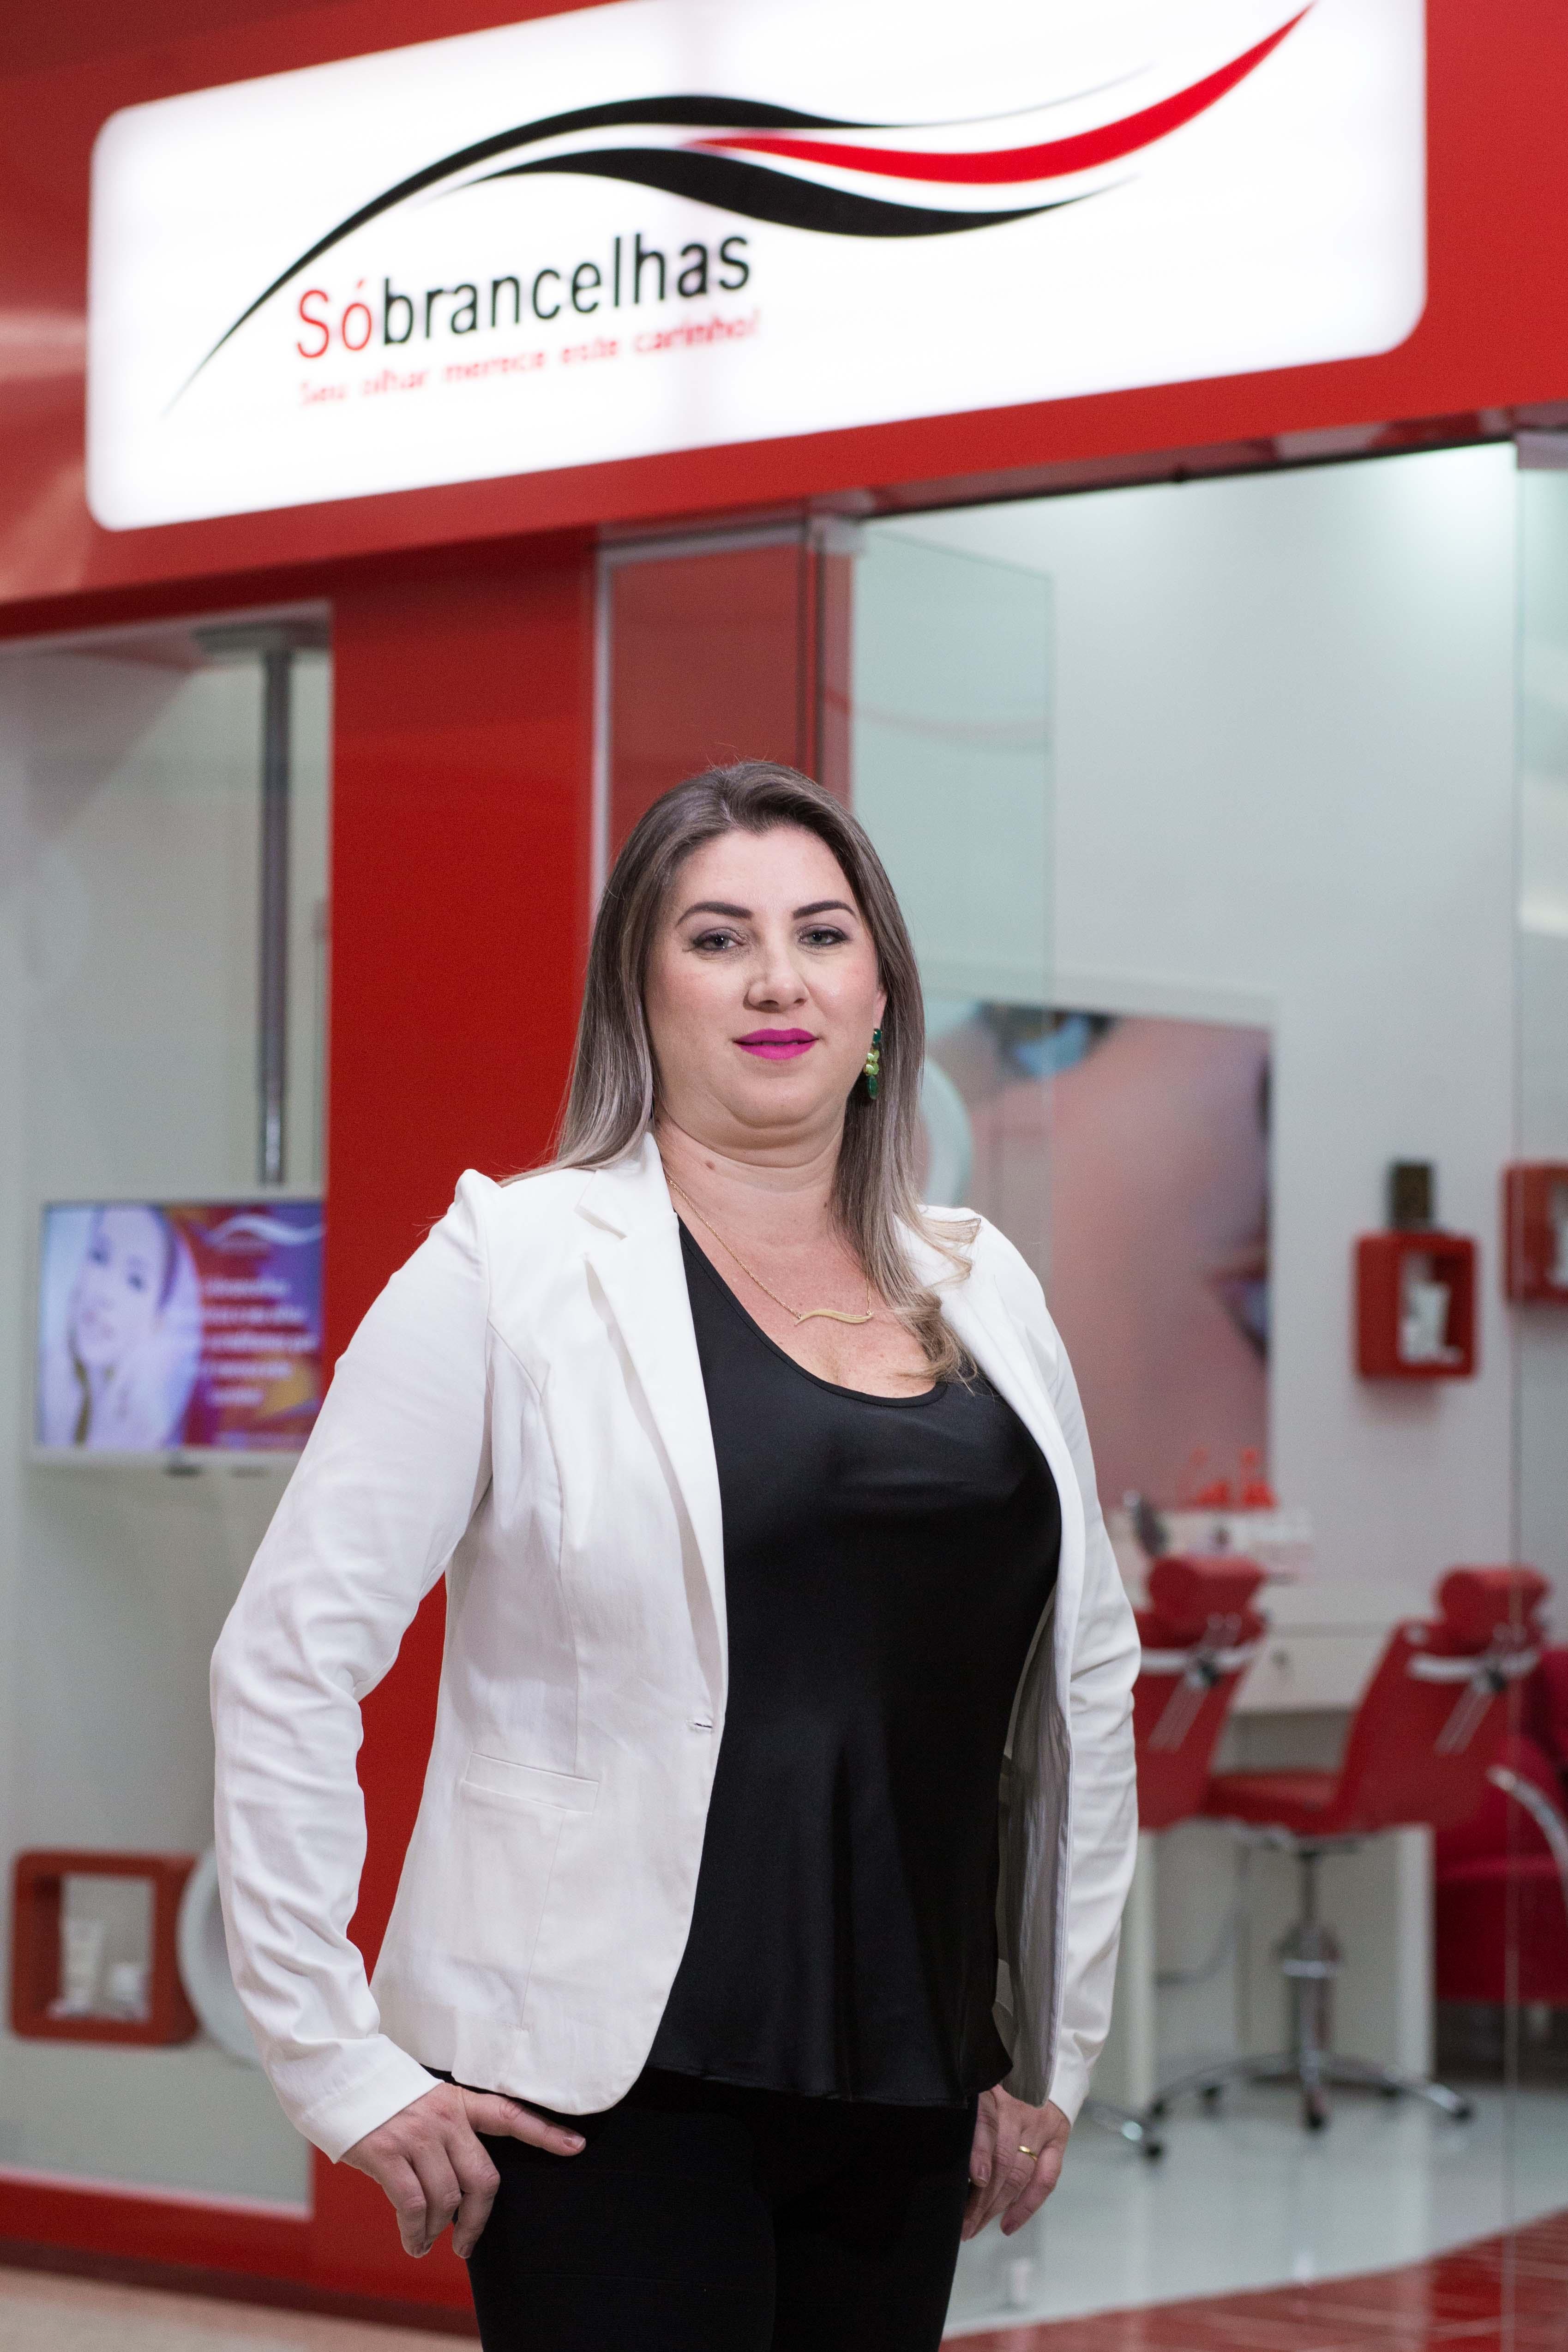 Os segredos de Luzia Costa para criar uma grande rede de franquias